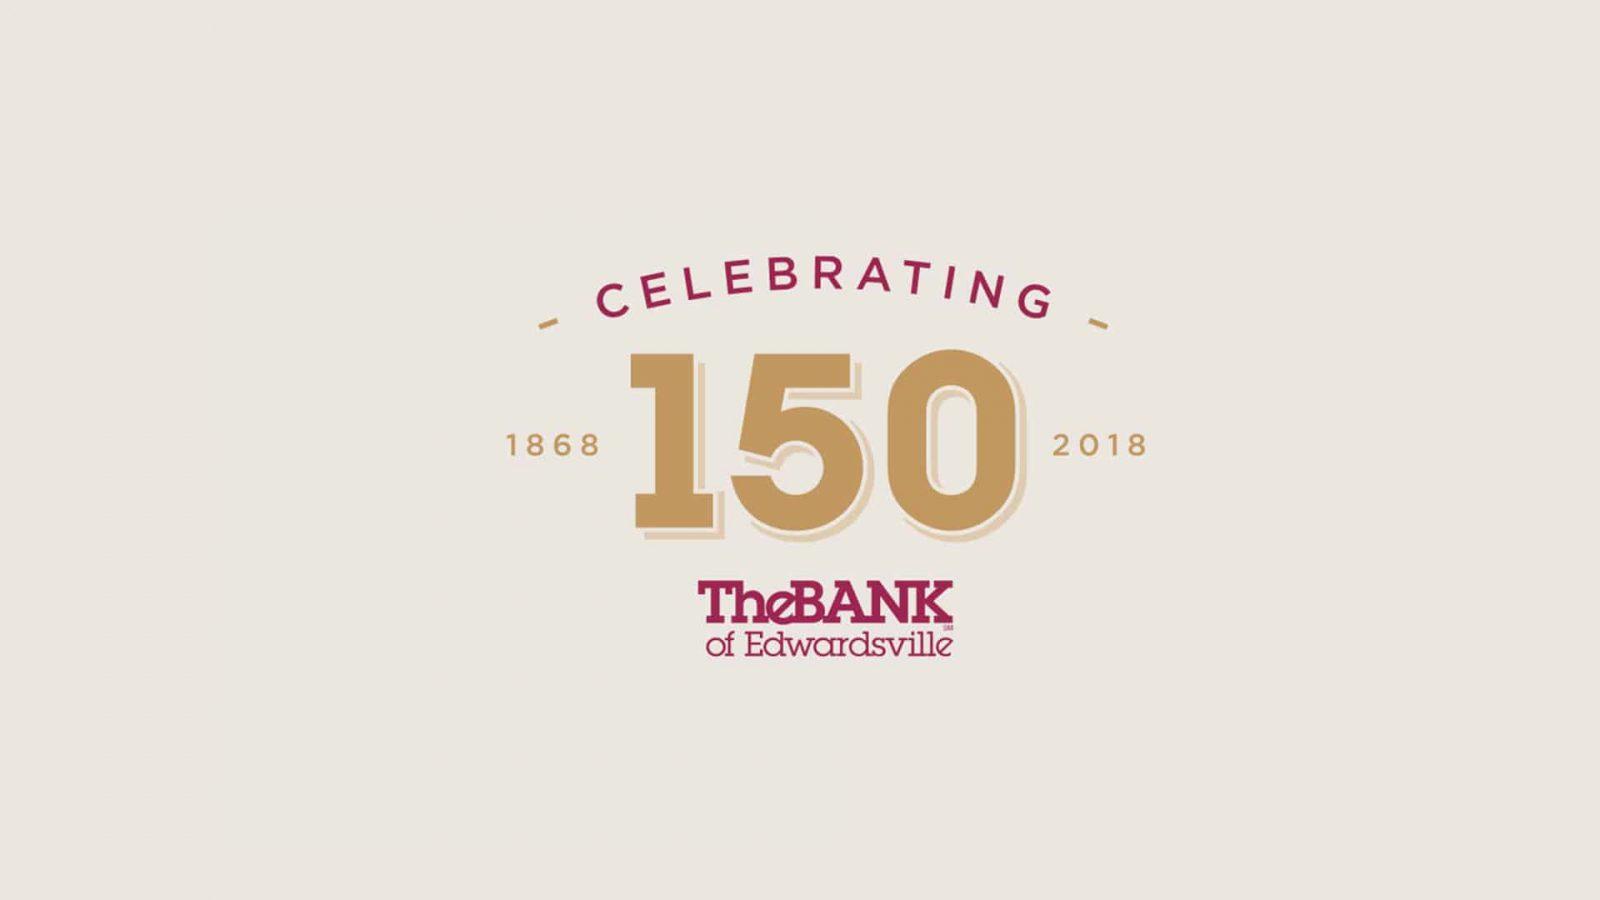 TheBANK_ILBJ5x8_150_1.indd